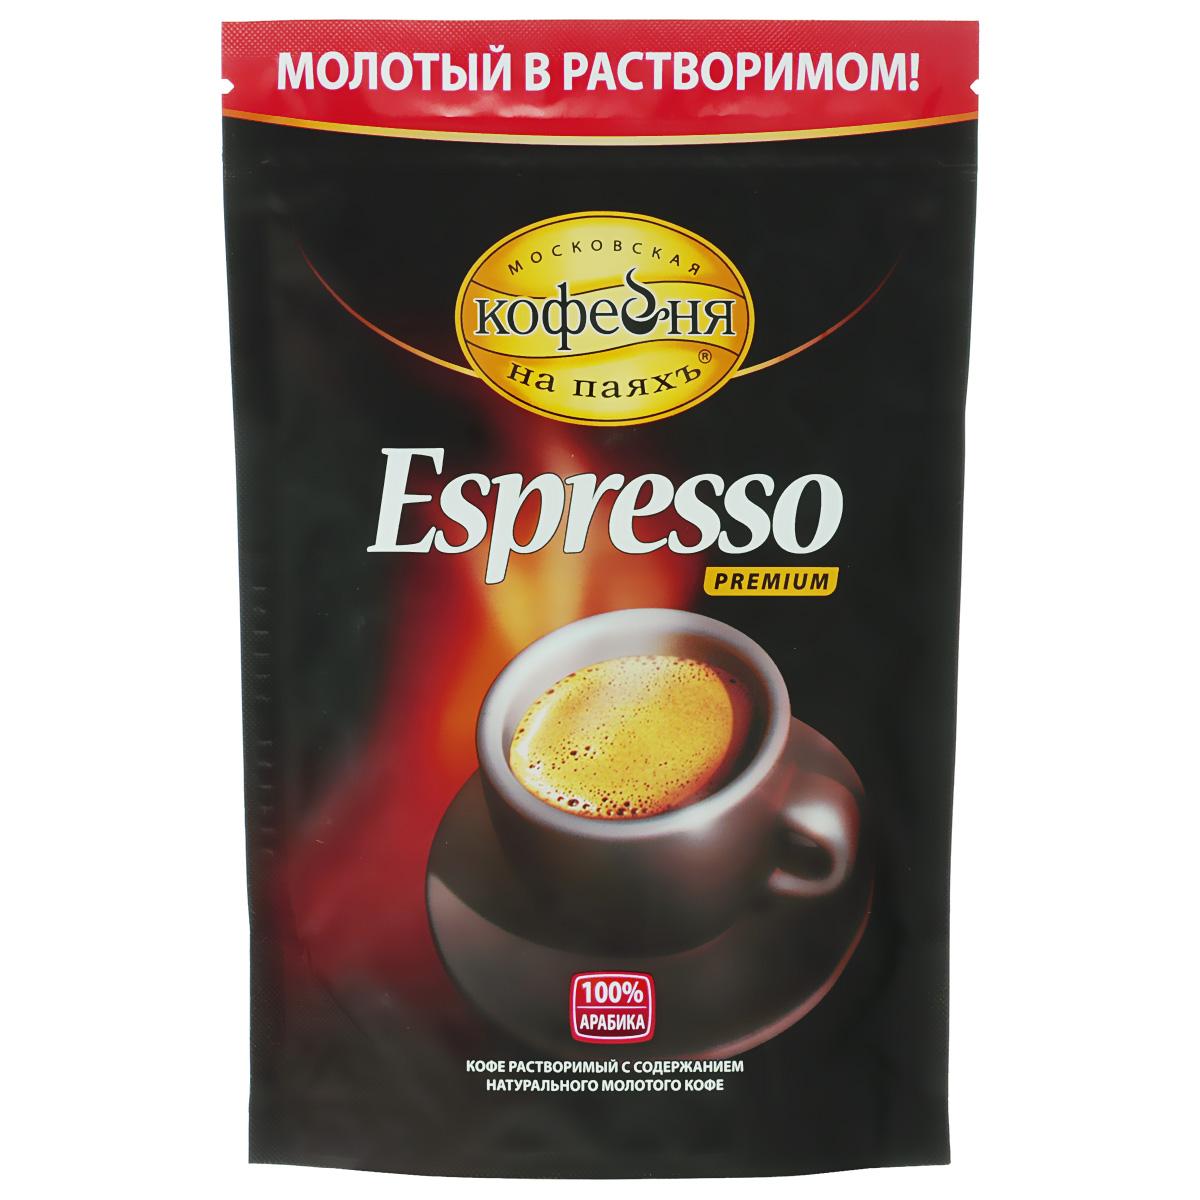 Московская кофейня на паяхъ Espresso кофе рaствоpимый, пакет 95 г101246Бывает так, что очень хочется настоящего свежемолотого кофе, но приготовить его негде, а под рукой только чайник. Для таких случаев придумали Espresso, кофе, подобных которому нет. Элитные сорта арабики из Южной Америки, Африки и Индонезии, итальянская обжарка придают кофе Espresso неповторимый аромат и крепкий насыщенный вкус. А чтобы сохранить этот вкус и аромат, частицы молотого кофе заключены в микрогранулы растворимого. Именно поэтому Espresso обладает вкусом, ароматом свежемолотого кофе и простотой приготовления растворимого. Теперь для того, чтобы попробовать настоящий эспрессо не нужна кофемашина. Espresso достаточно залить кипятком – и через секунды вы получите чашку отличного кофе с крепким насыщенным вкусом и неповторимым ароматом.